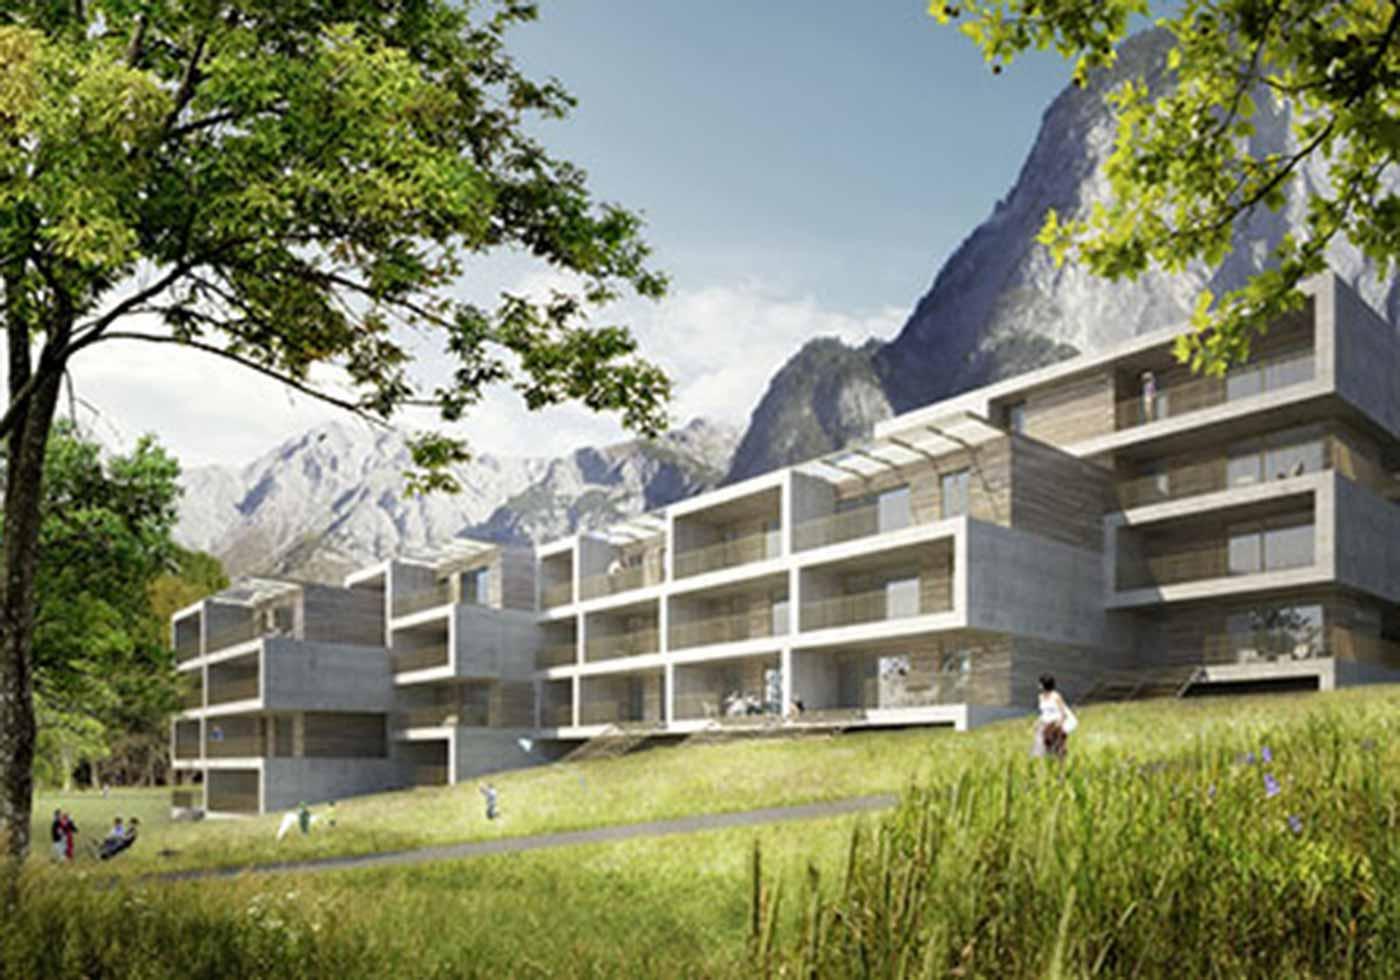 Residential Building, Anna-Dengel-Straße, Innsbruck, AT